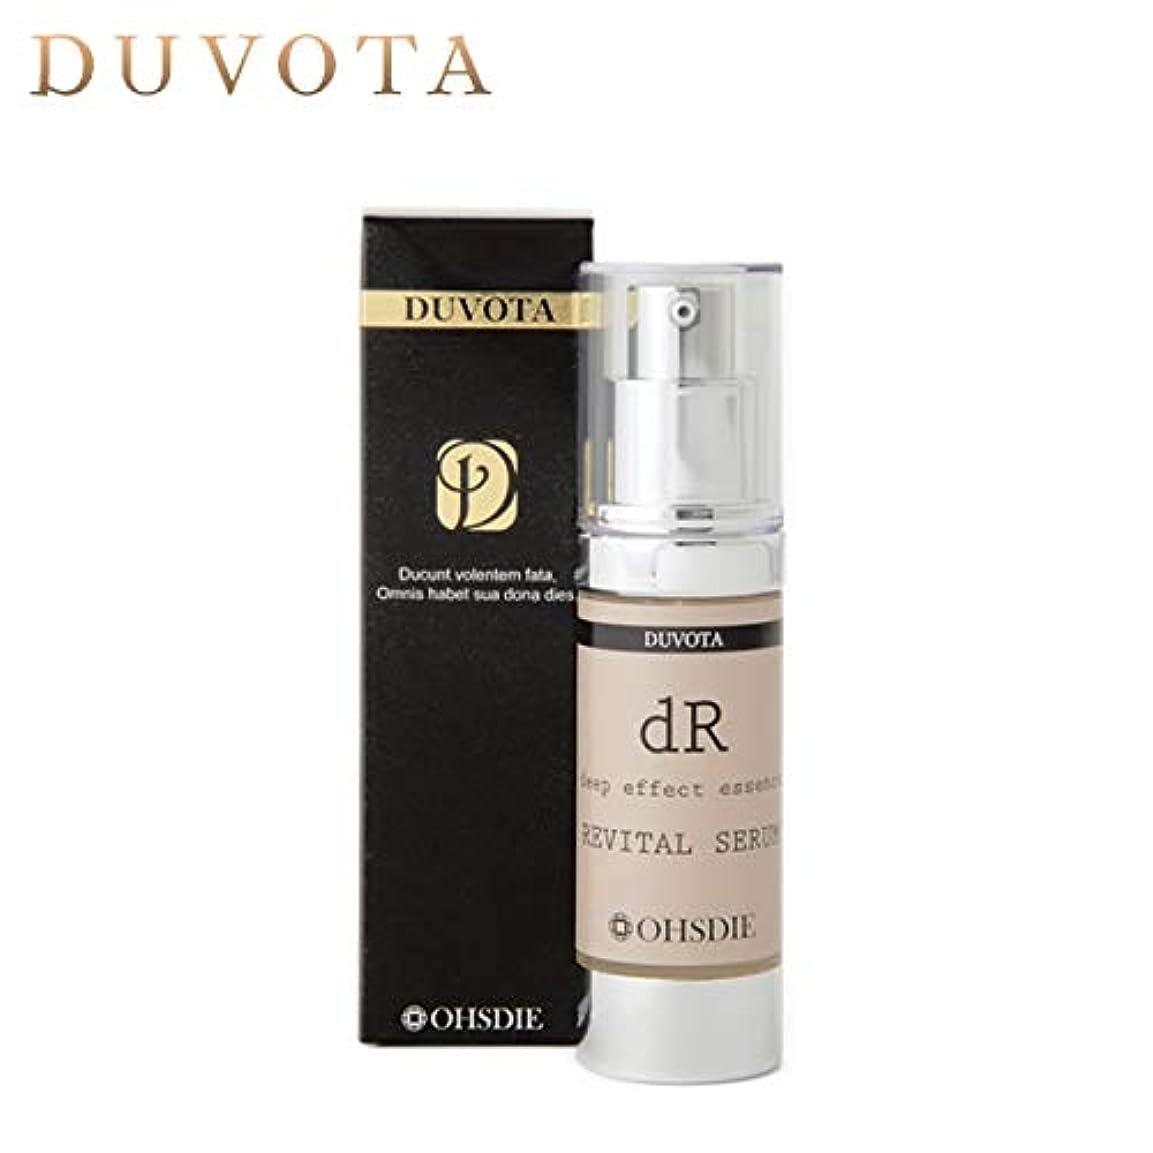 靄トン徒歩でEGF 幹細胞 美容液 DUVOTA(ドゥボータ)ディープエフェクトエッセンスDリバイタルセラム 30ml / 馬プラセンタ ナールスゲン エレクトロポーション導入 エクラフレーズ 美顔器 リフトアップ 敏感肌 おすすめ